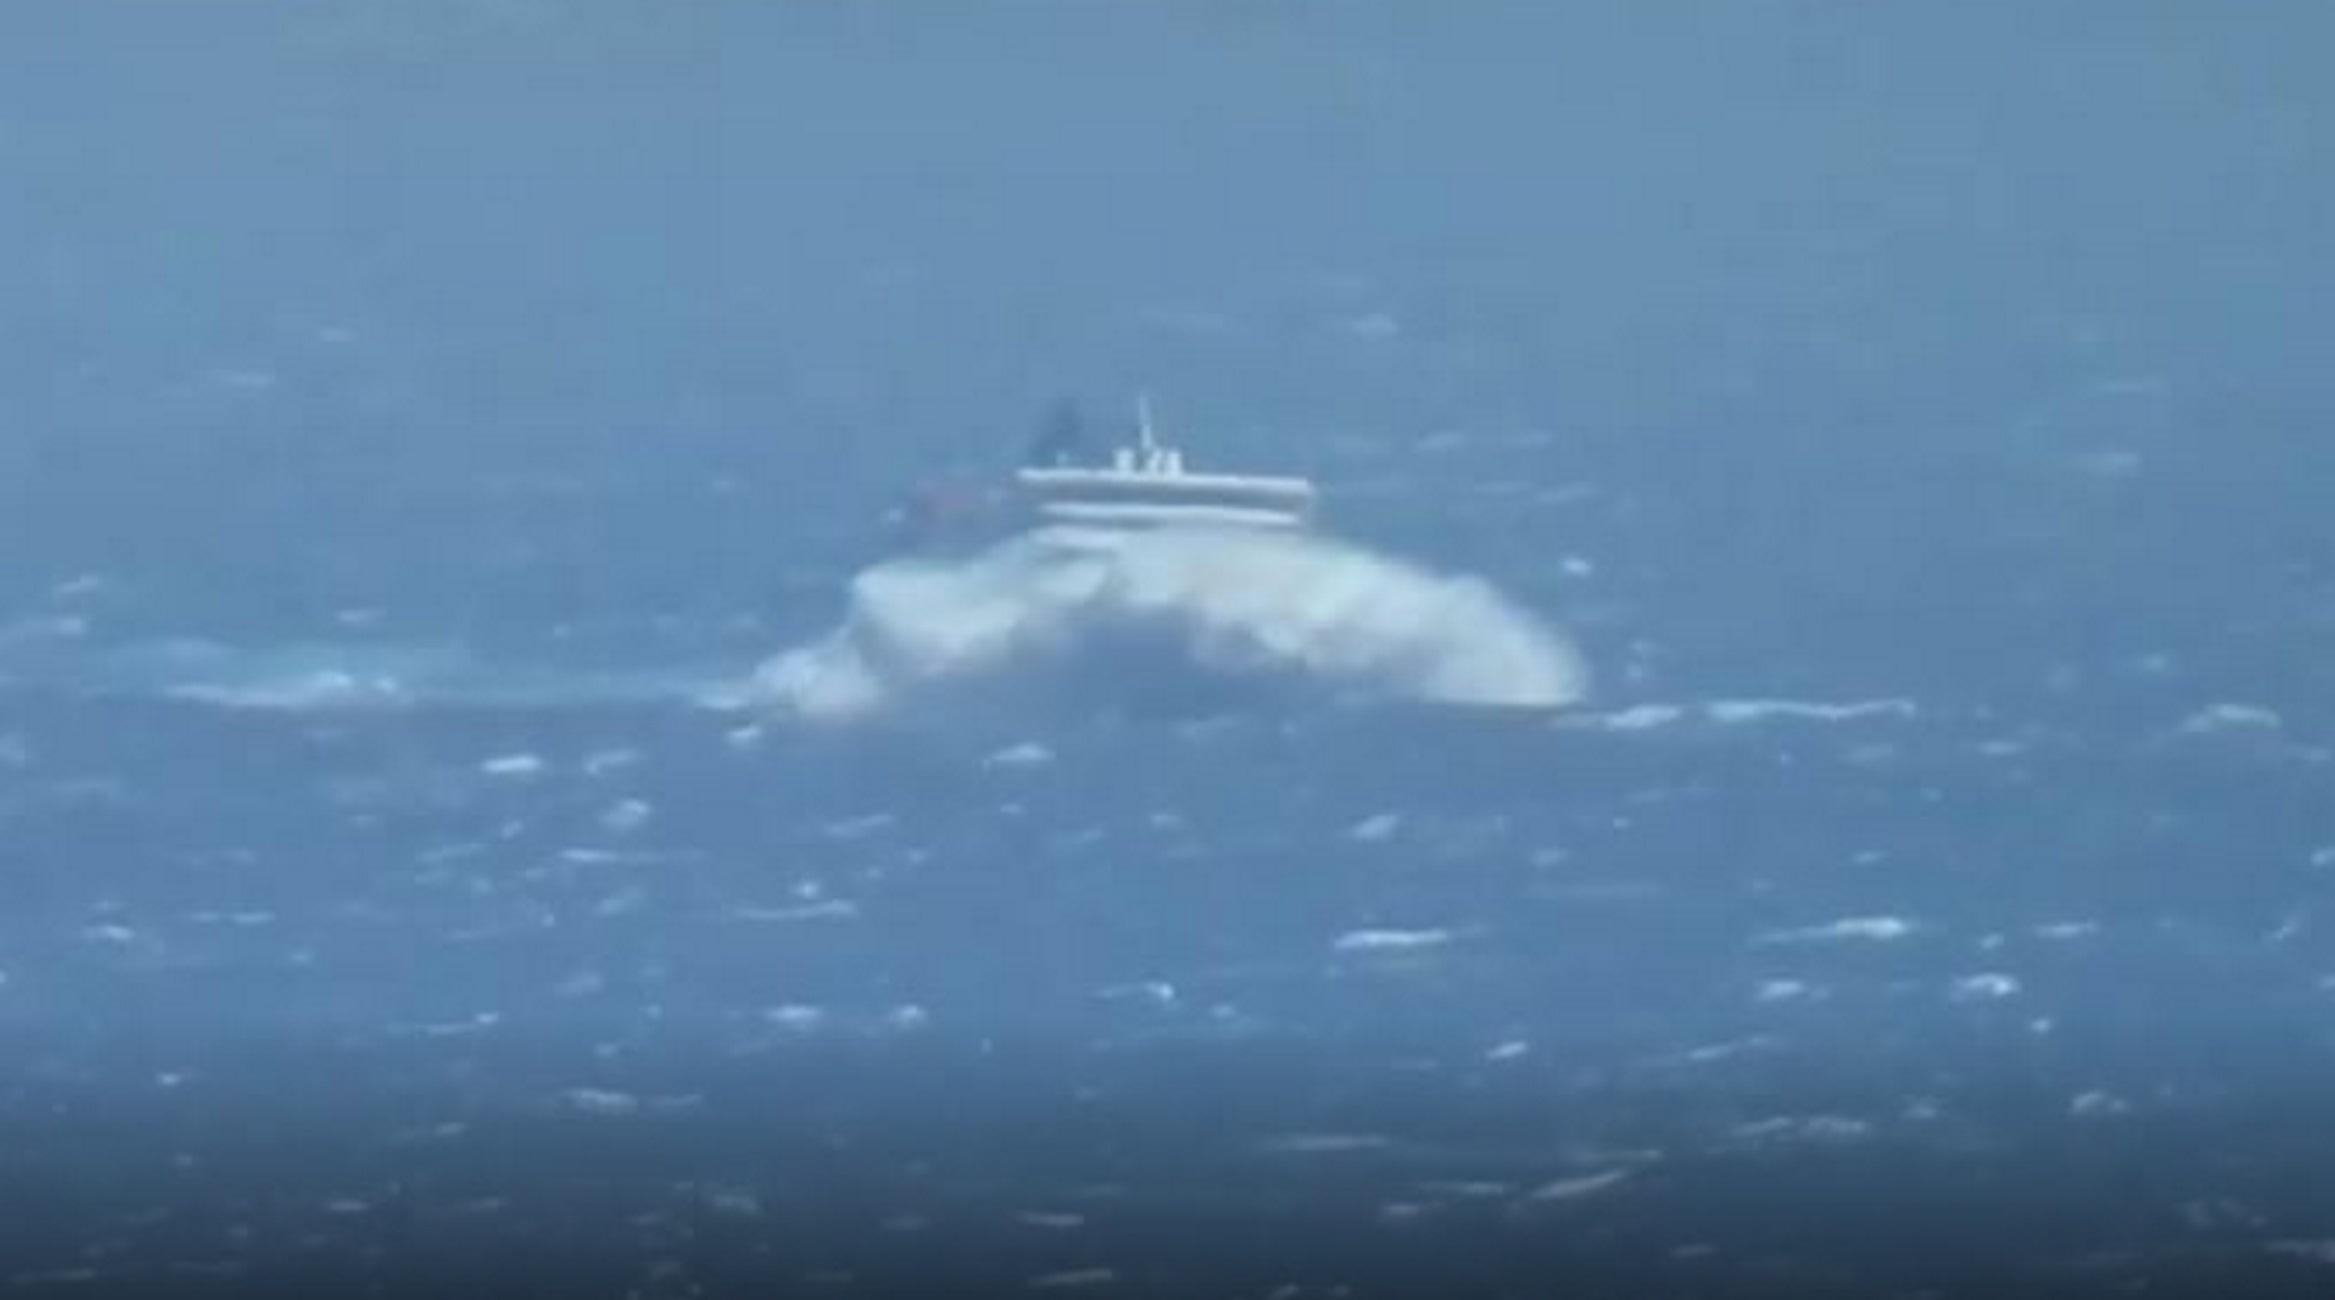 Κυκλάδες: Η στιγμή που το Superferry χάνεται από τον ορίζοντα! Τεράστια κύματα σκεπάζουν το πλοίο